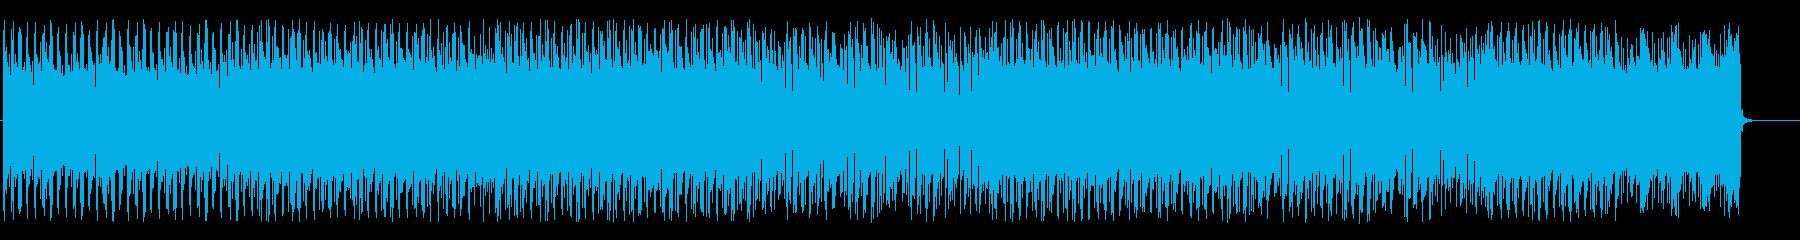 緊迫感を感じるエレクトロニカBGMの再生済みの波形